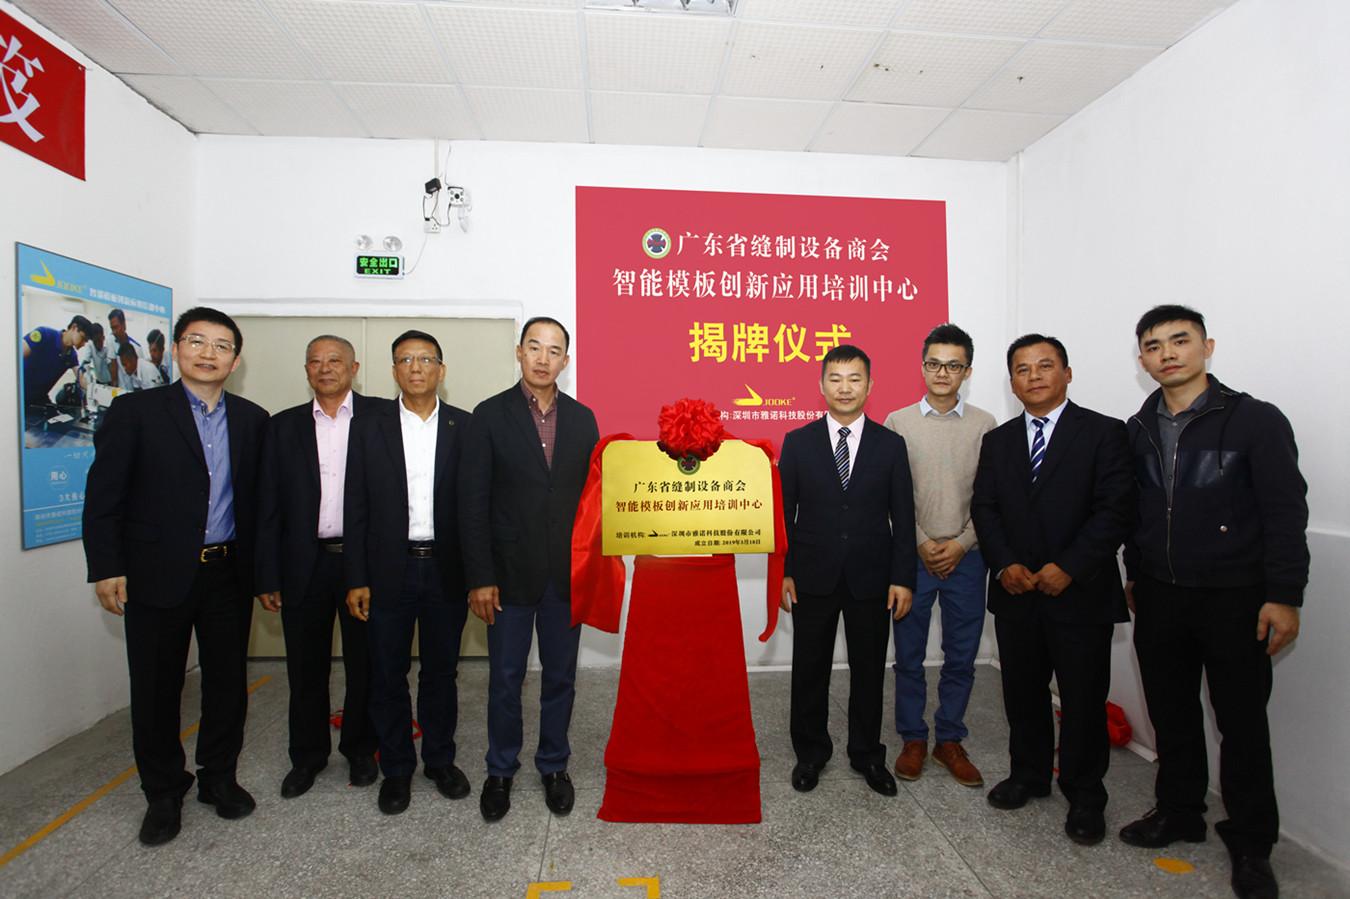 广东省缝制设备商会智能模板创新应用培训中在雅诺天空彩正式成立